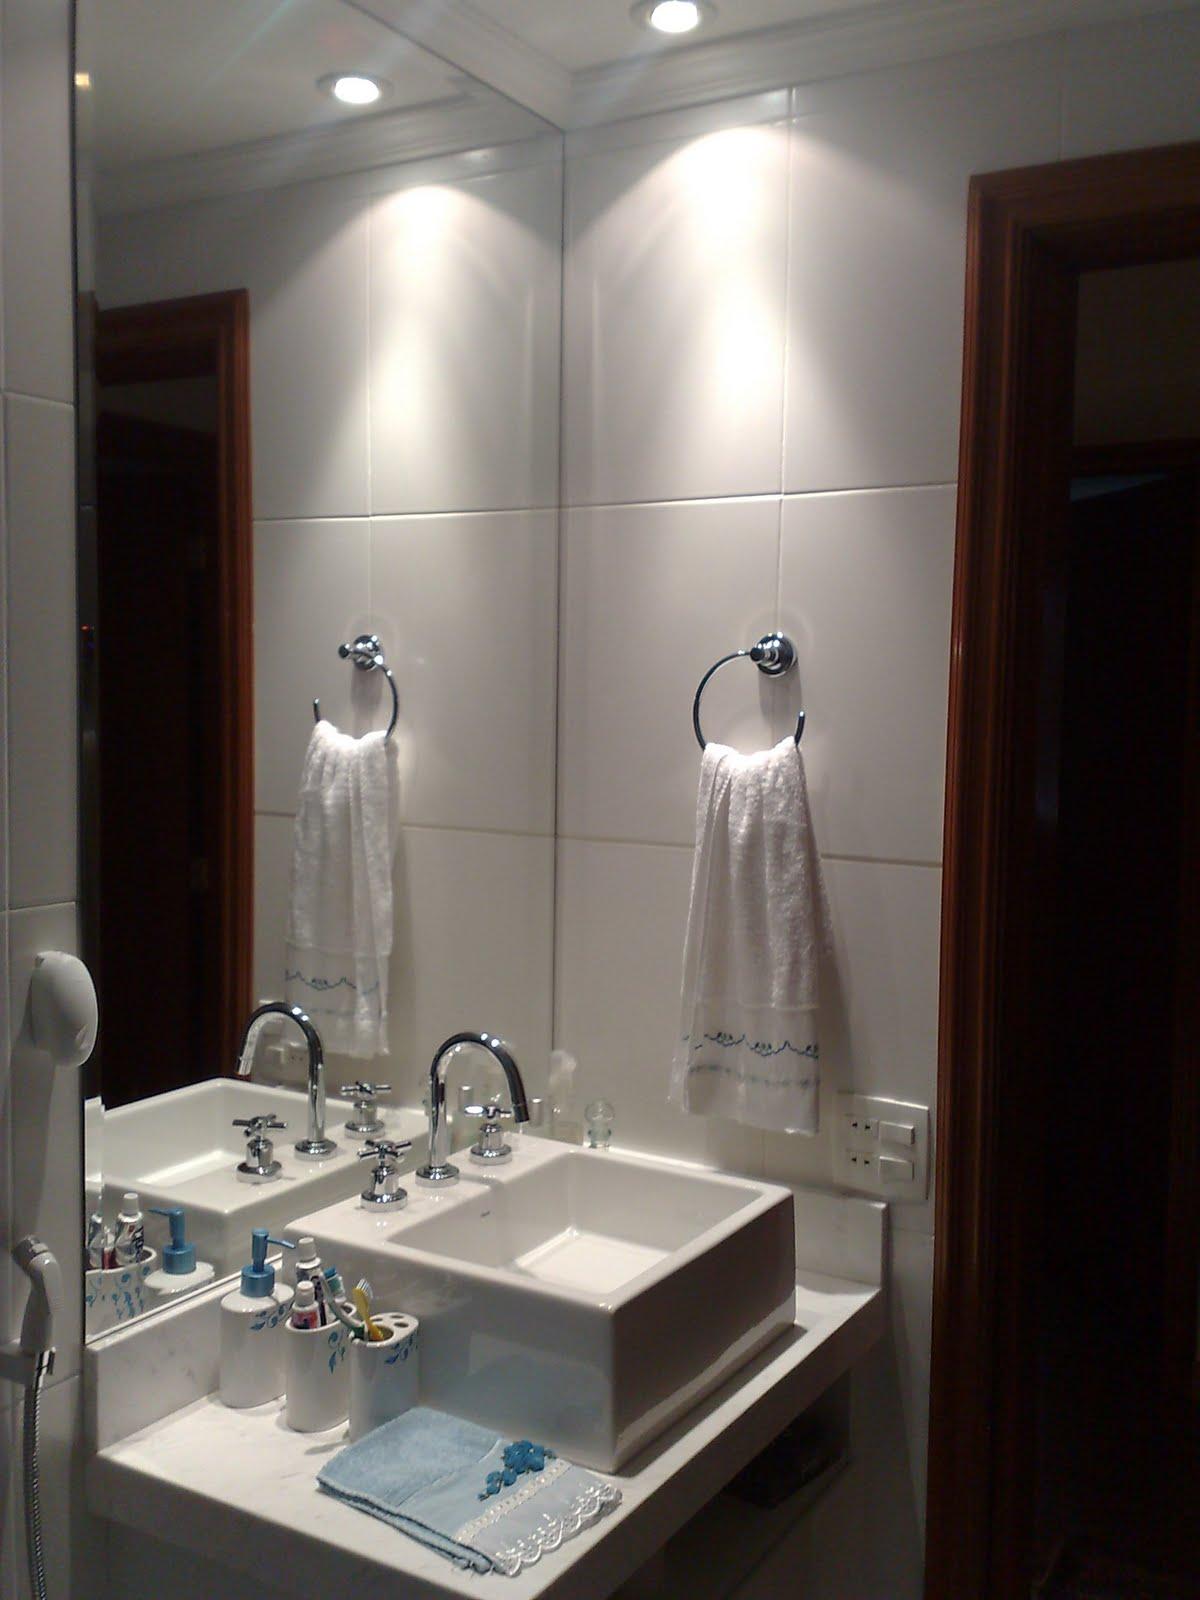 Cubas de apoio dão um toque moderno ao banheiro. #1F1714 1200 1600